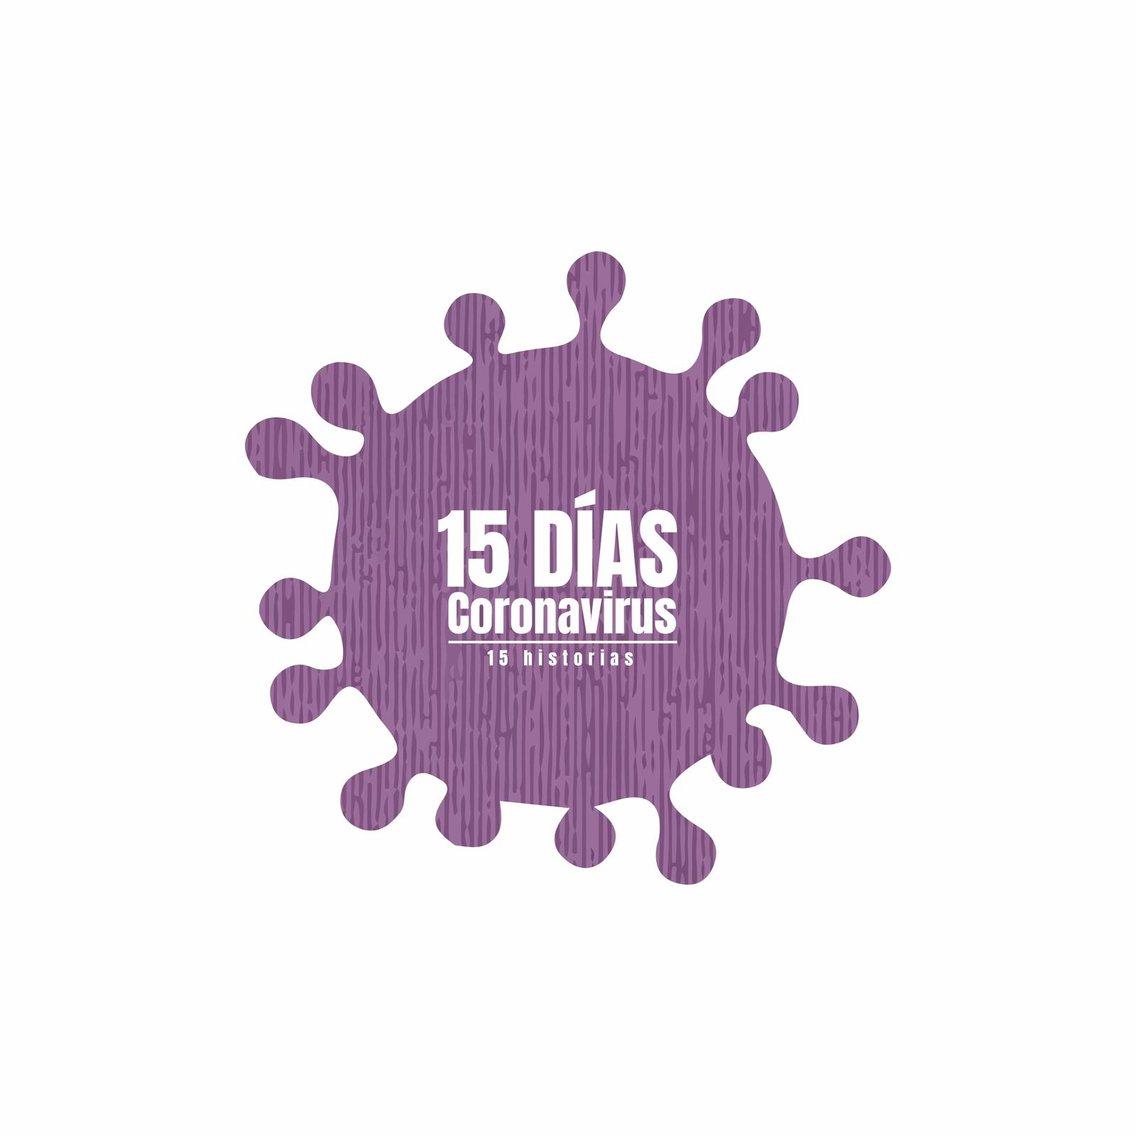 15 Días | Coronavirus - imagen de portada